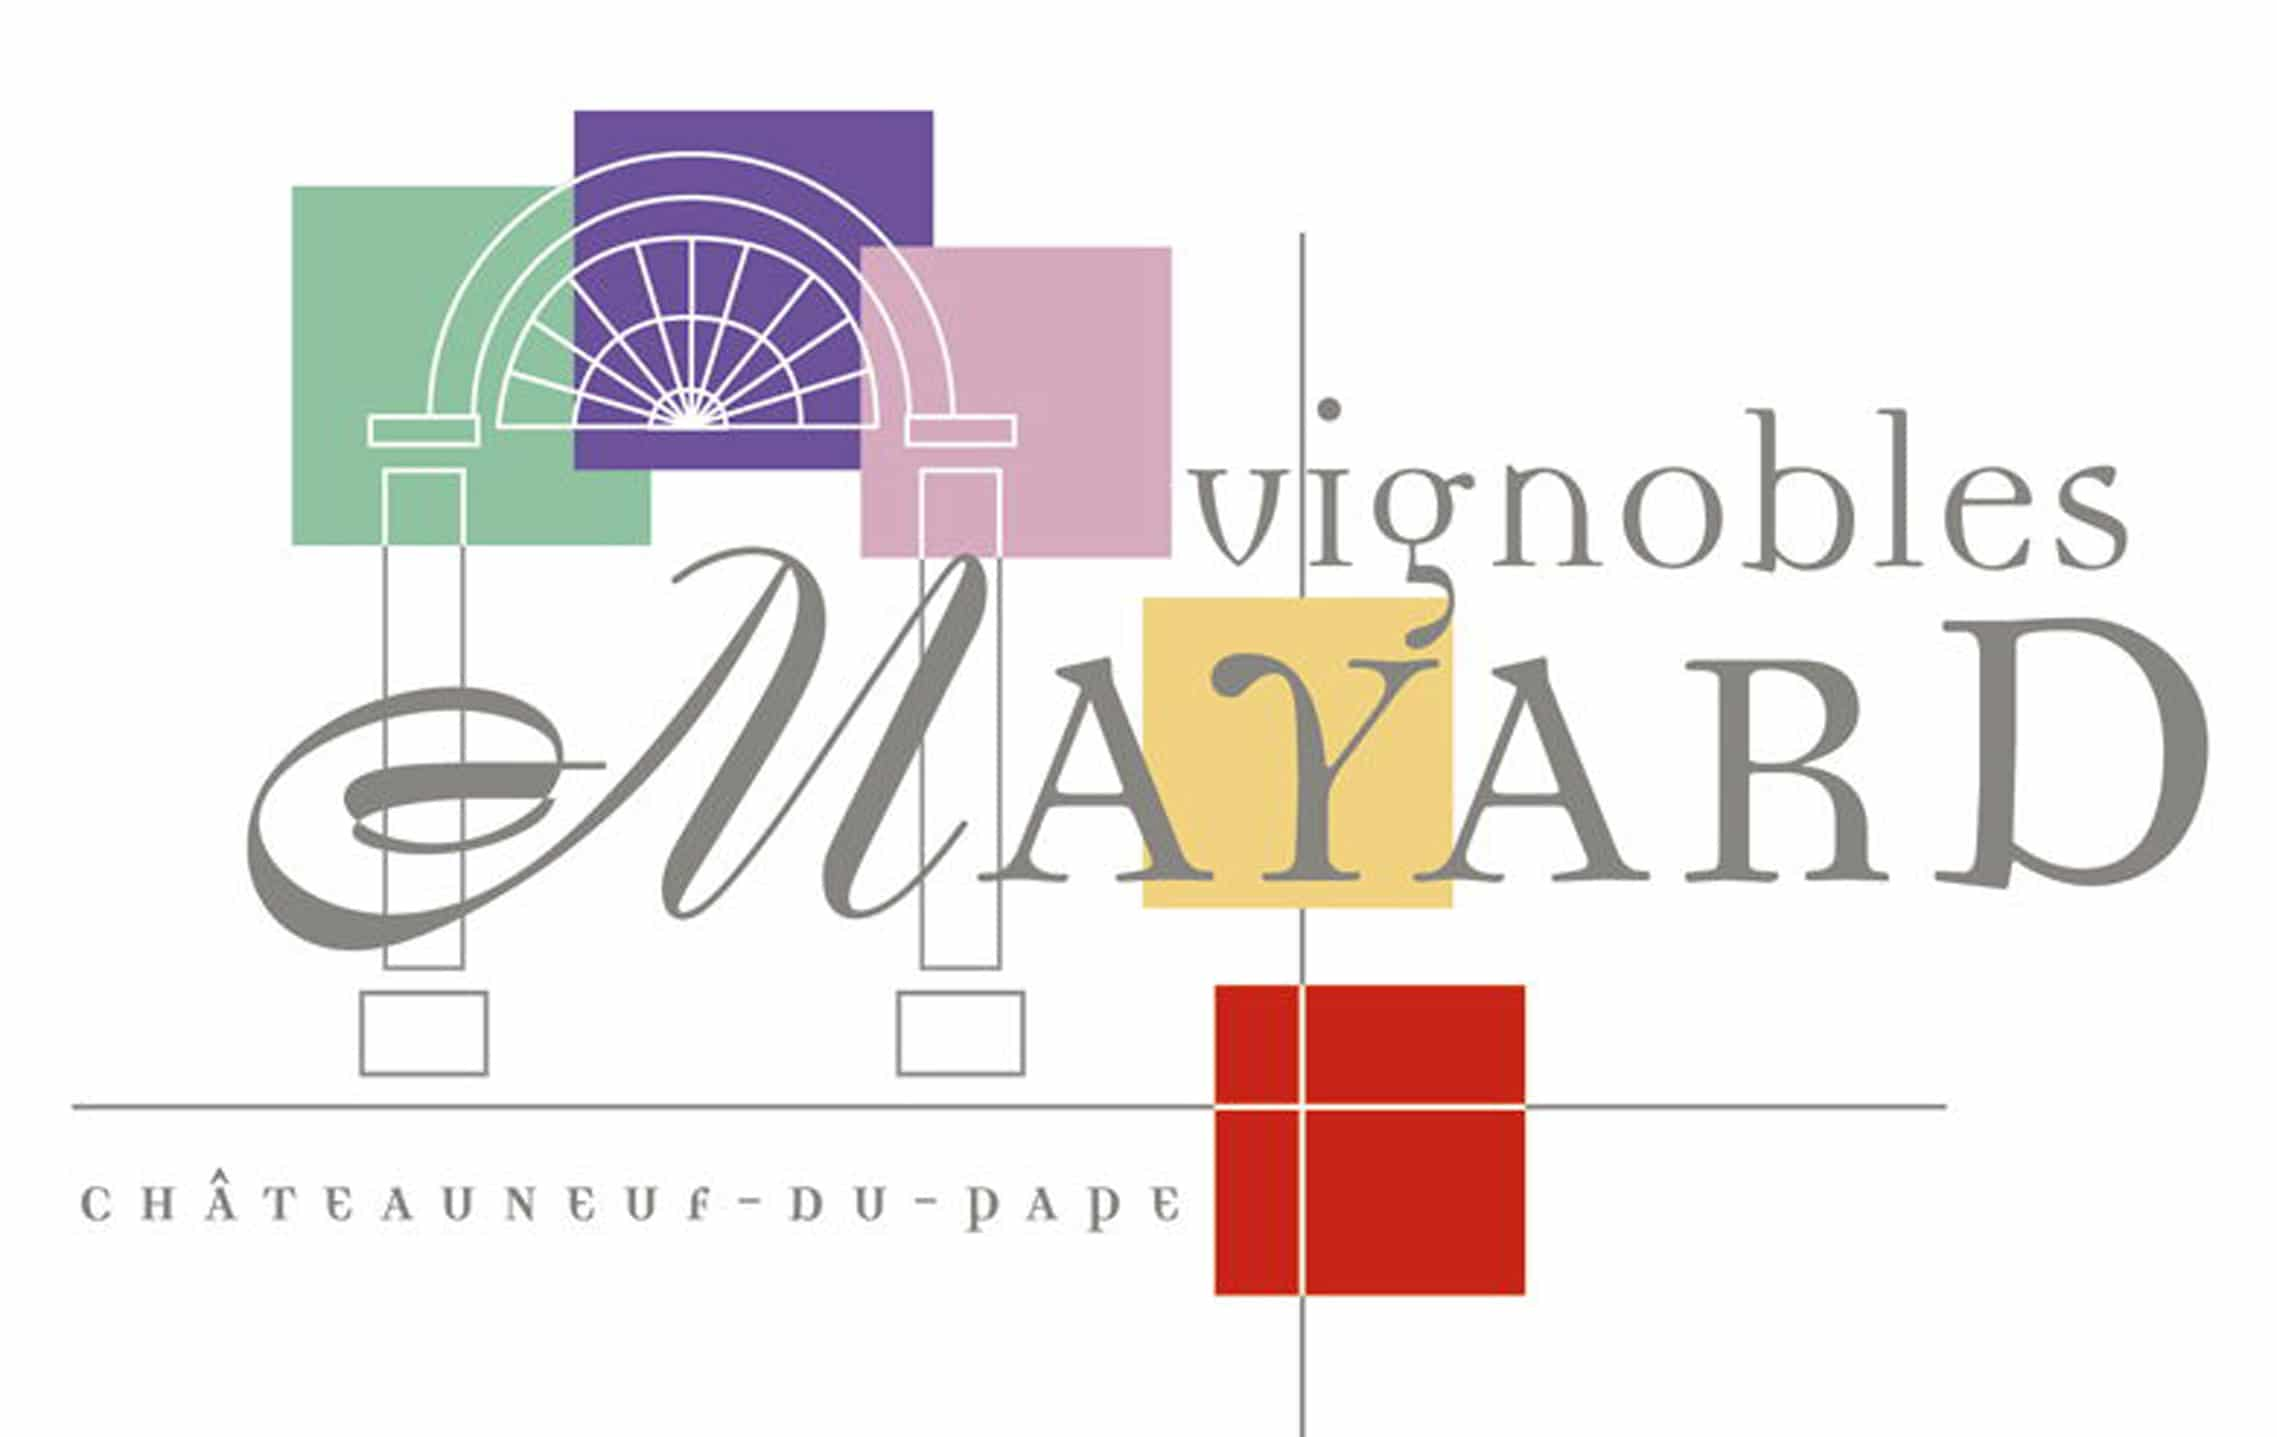 Vignobles Mayard - Châteauneuf Du Pape - OenoTourisme